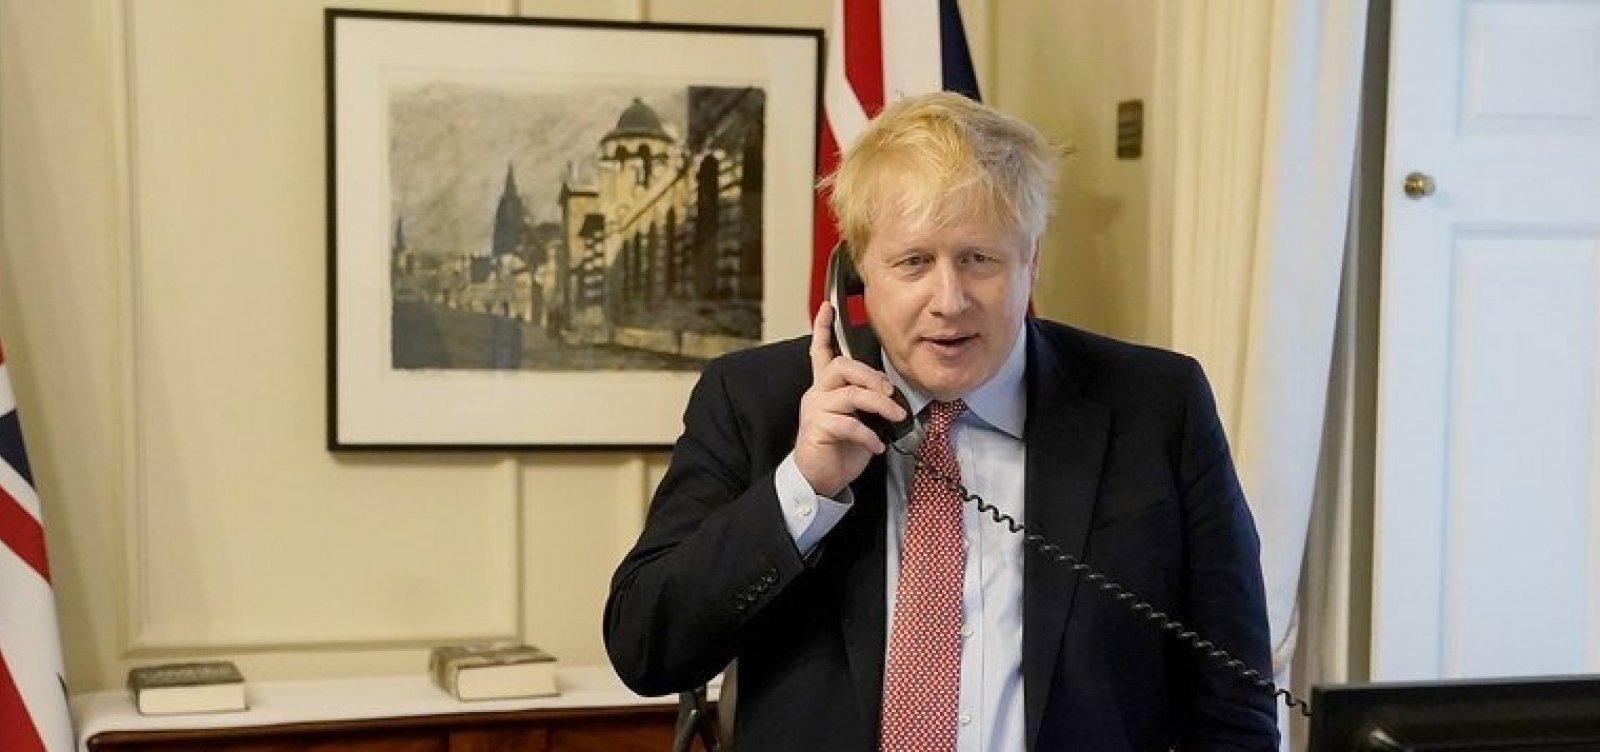 Covid-19: Inglaterra planeja encerrar bloqueio nacional em dezembro